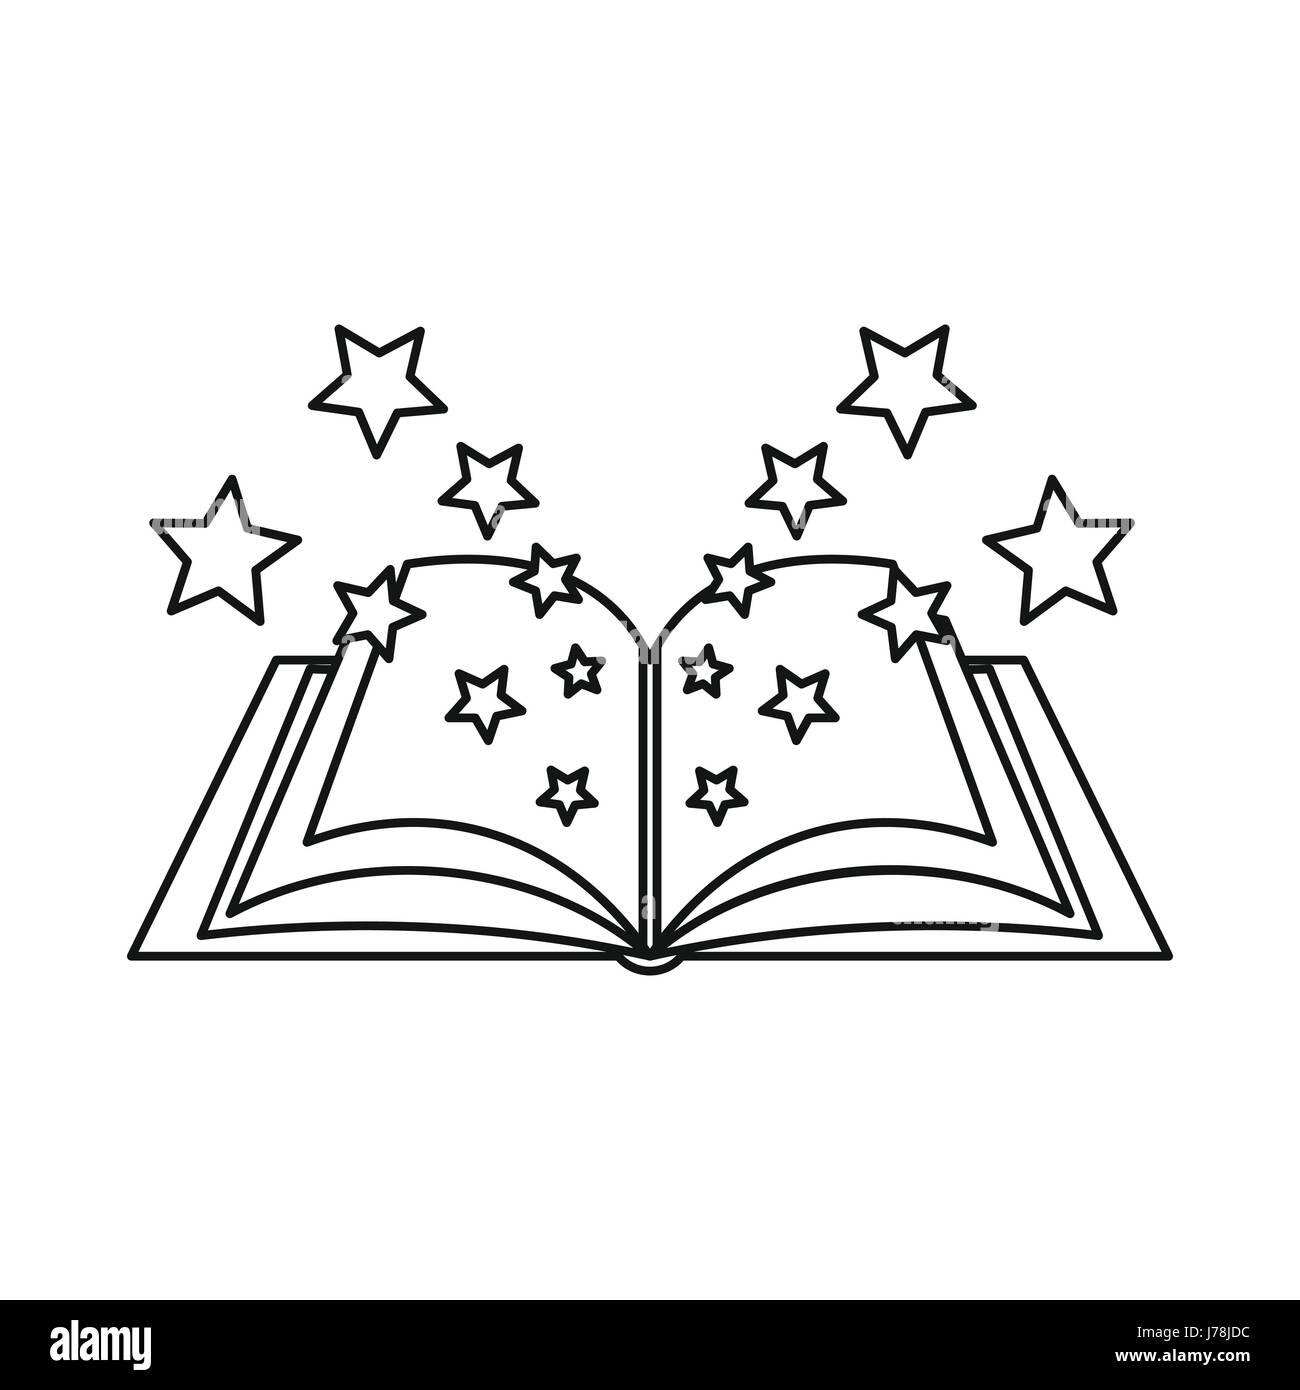 Icono De Libro De Magia En El Estilo De Esquema Aislado Sobre Fondo